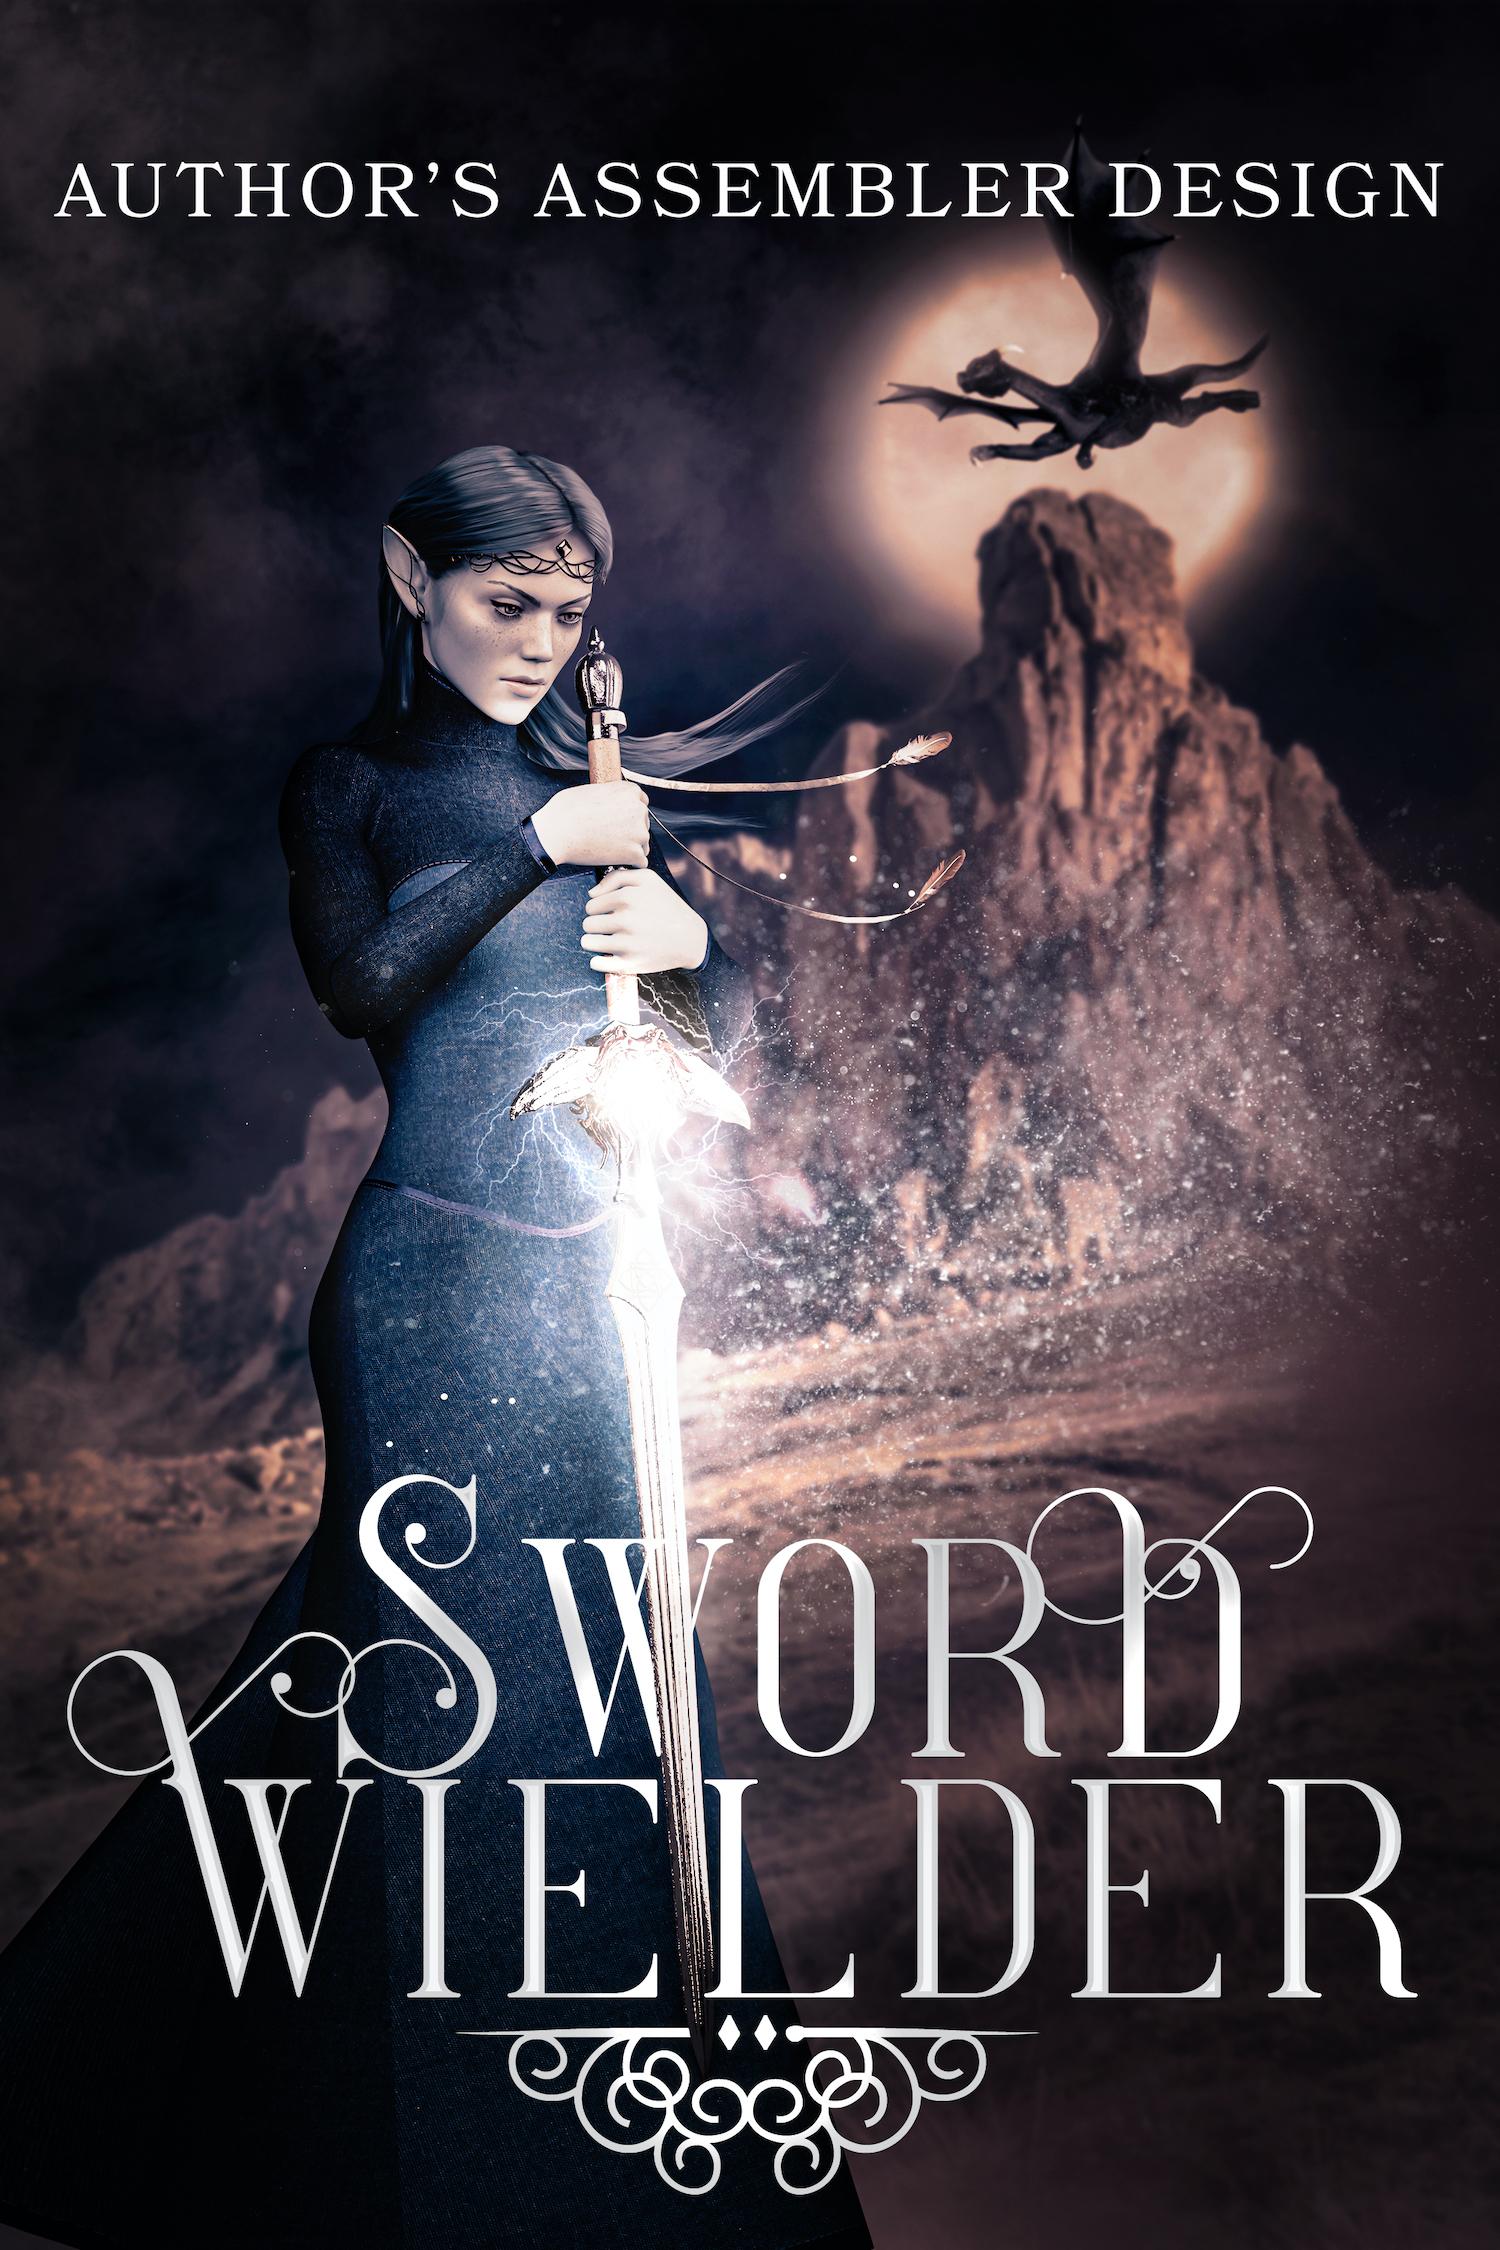 Fantasy Premade - Swordwielder_1500px